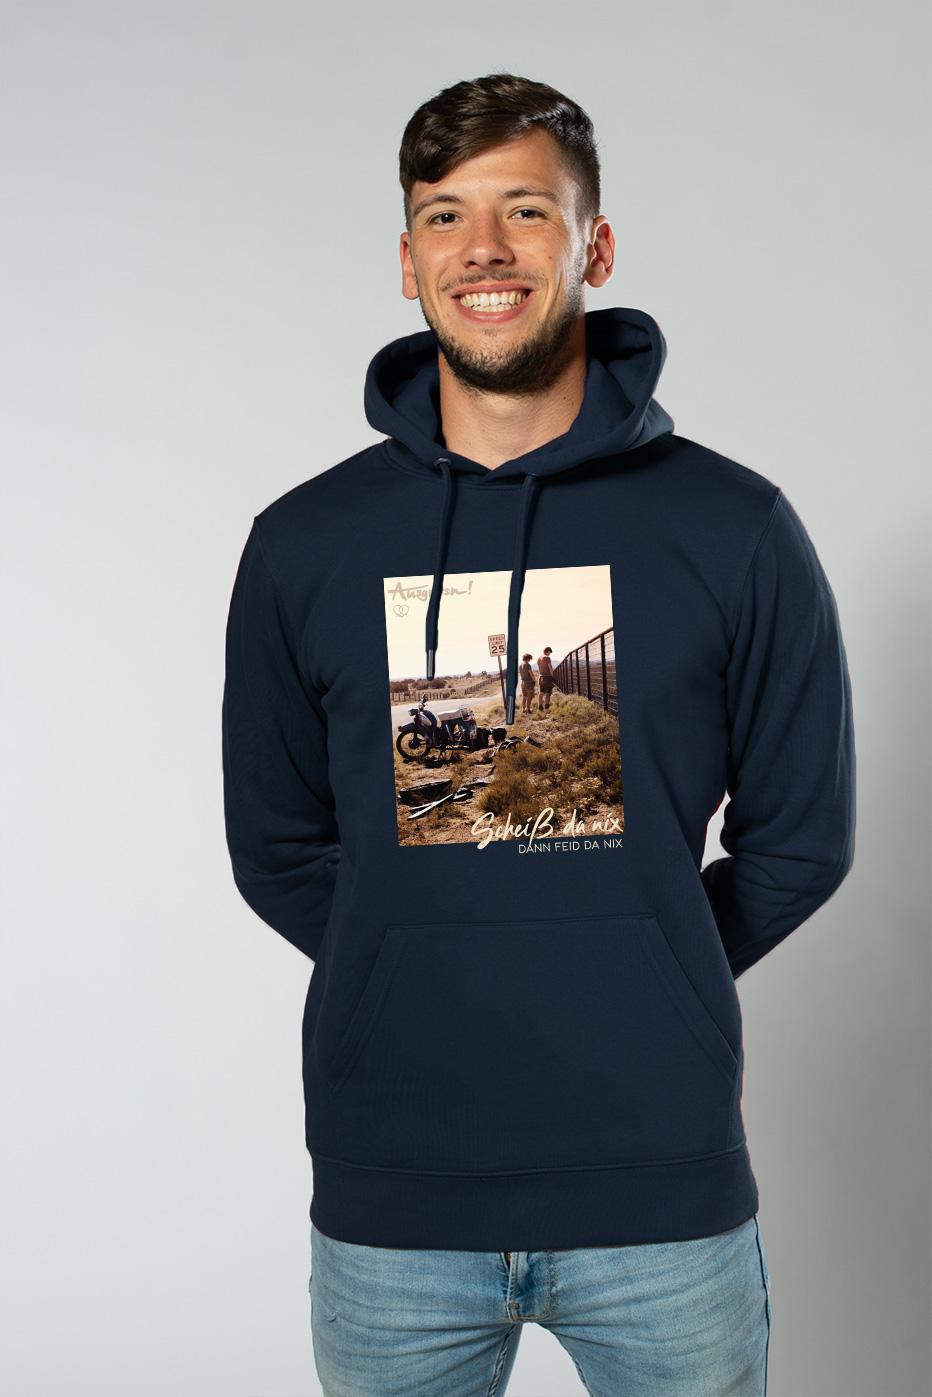 Ausgrissn Unisex Hoodie